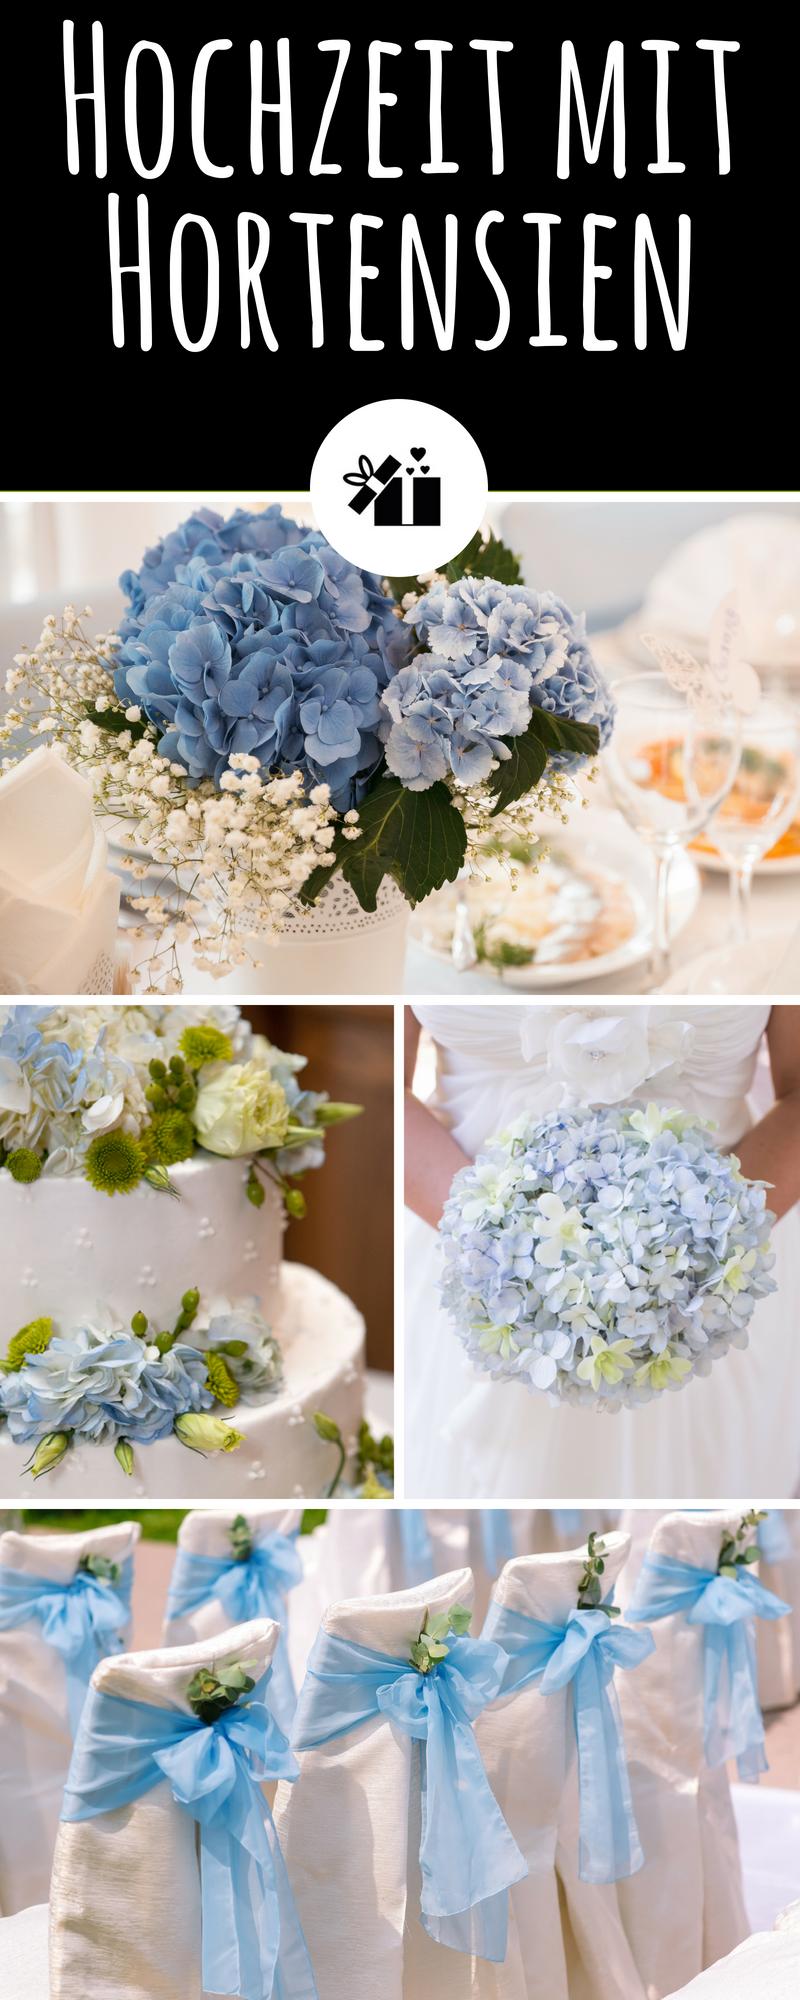 Boda con hortensias: ideas para decoraciones de mesa, ramo de novia y más  – Boda